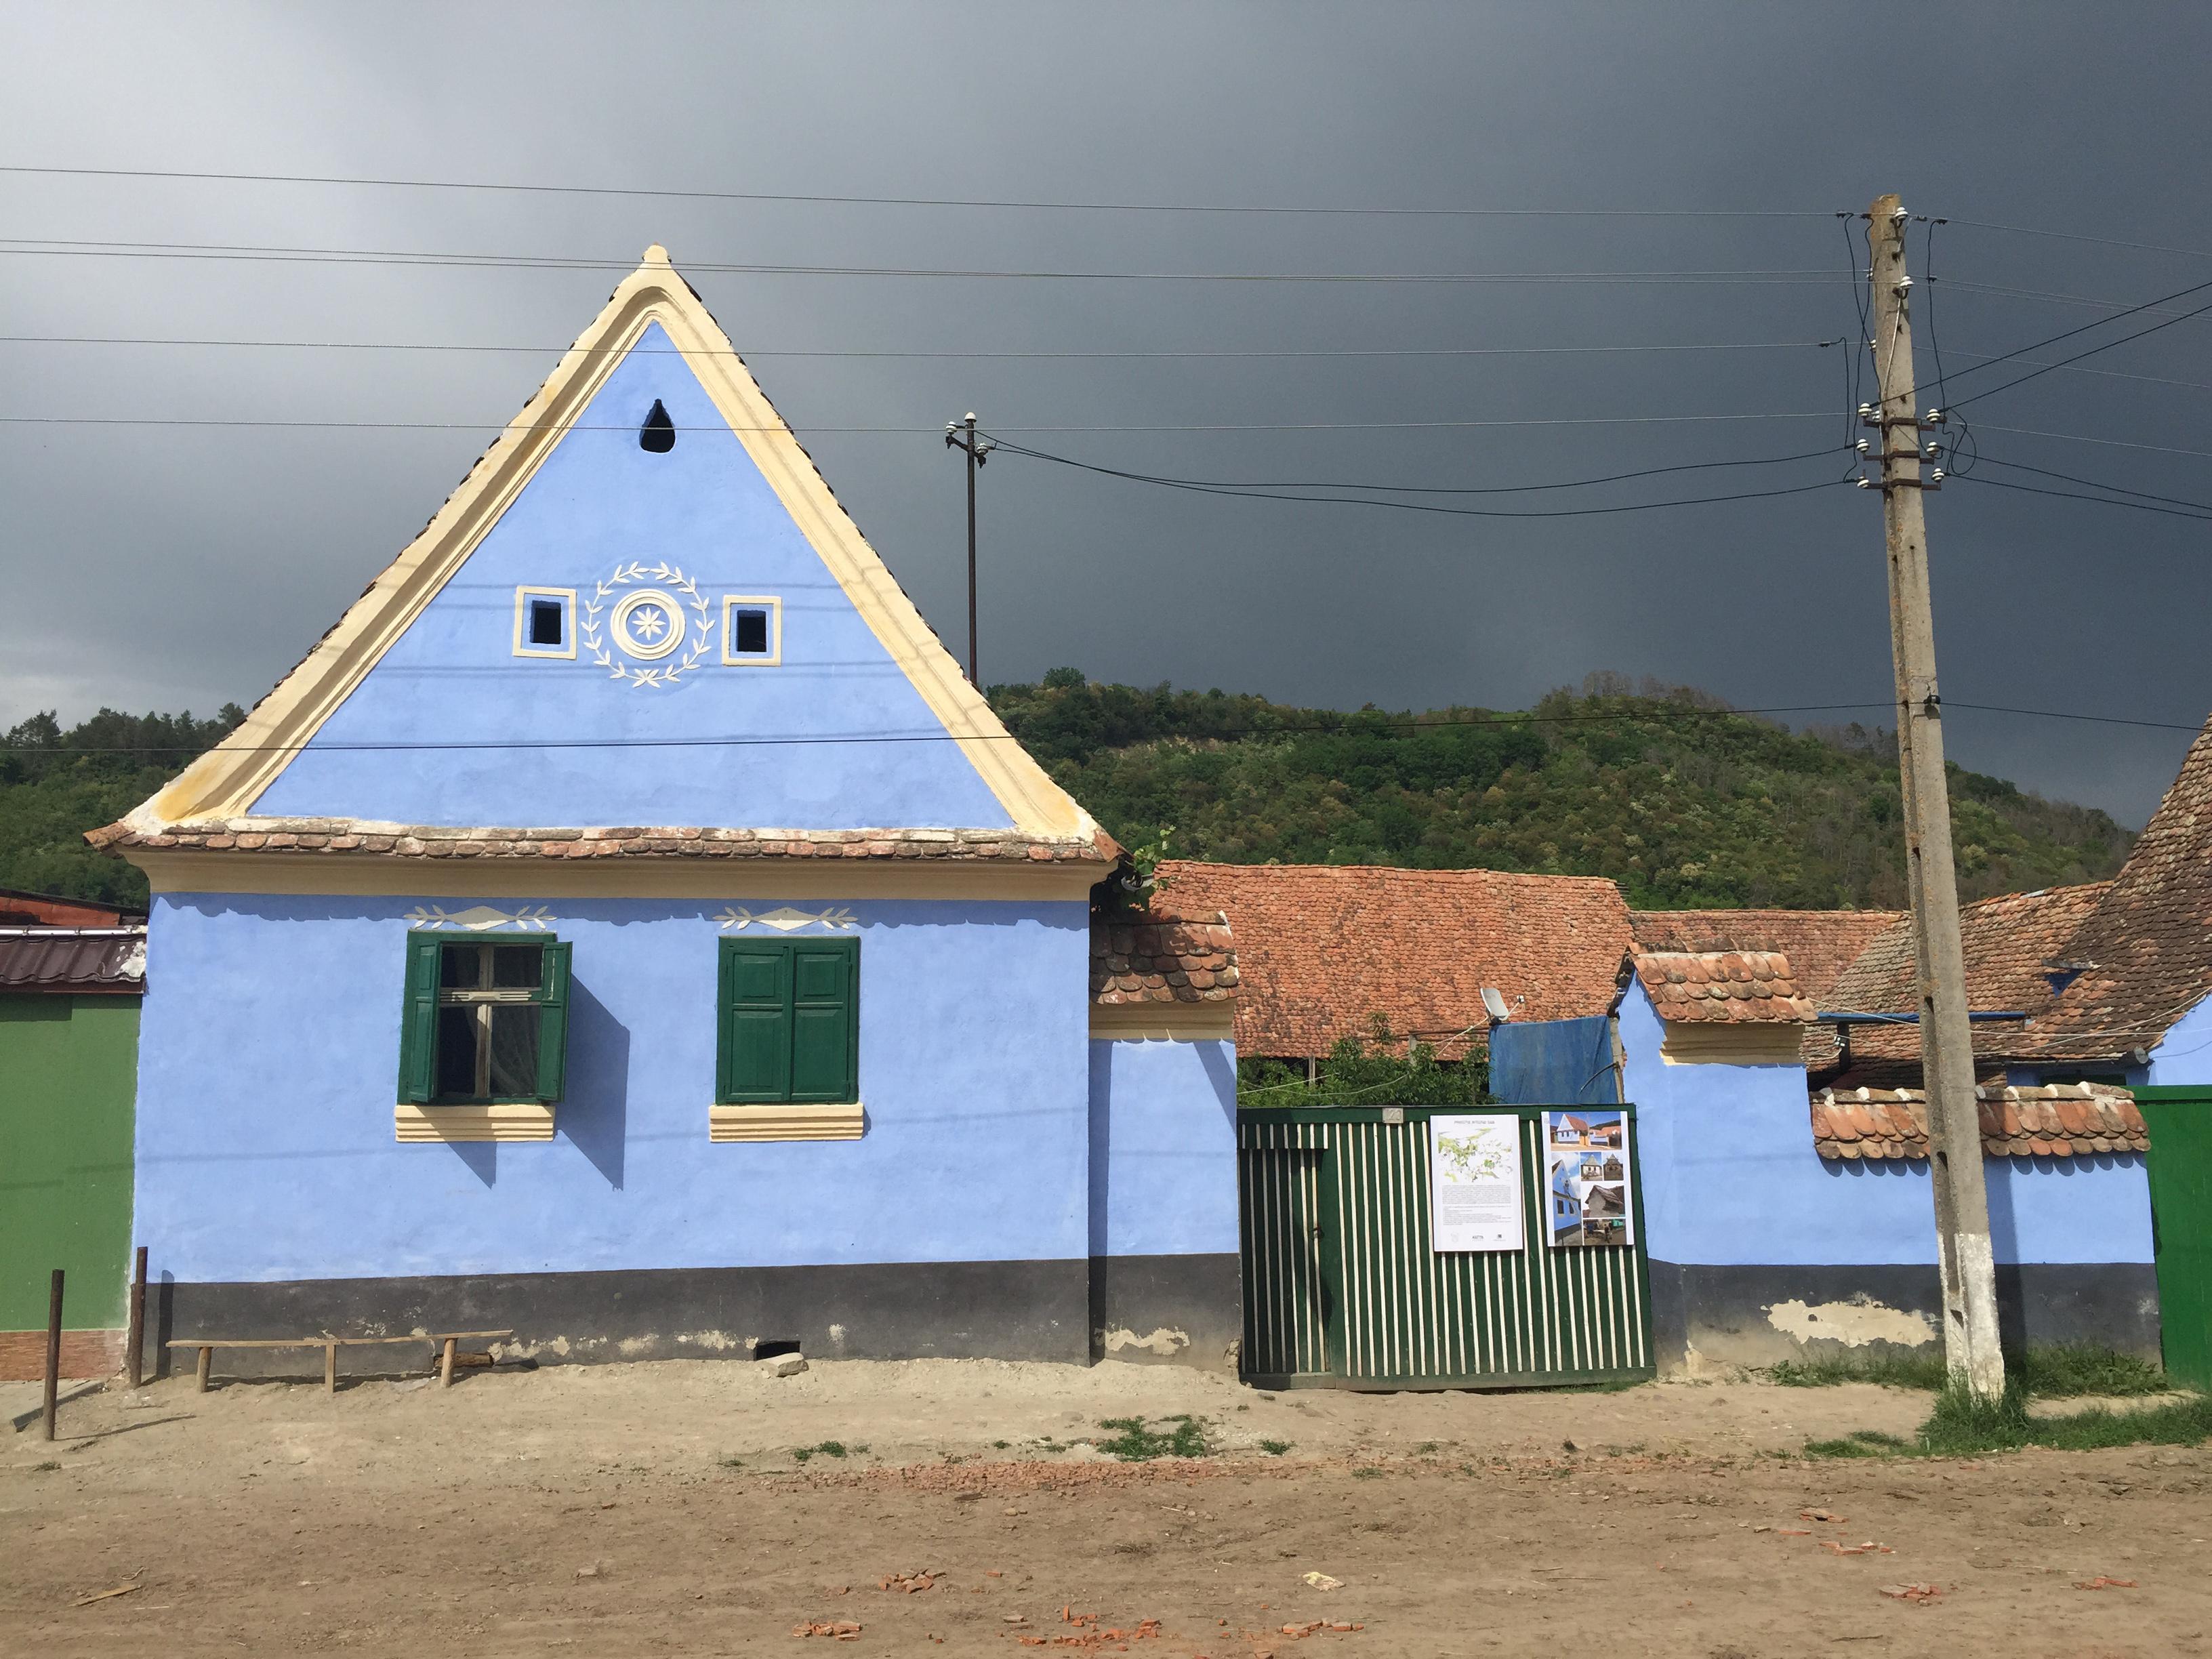 daia blue 2 view